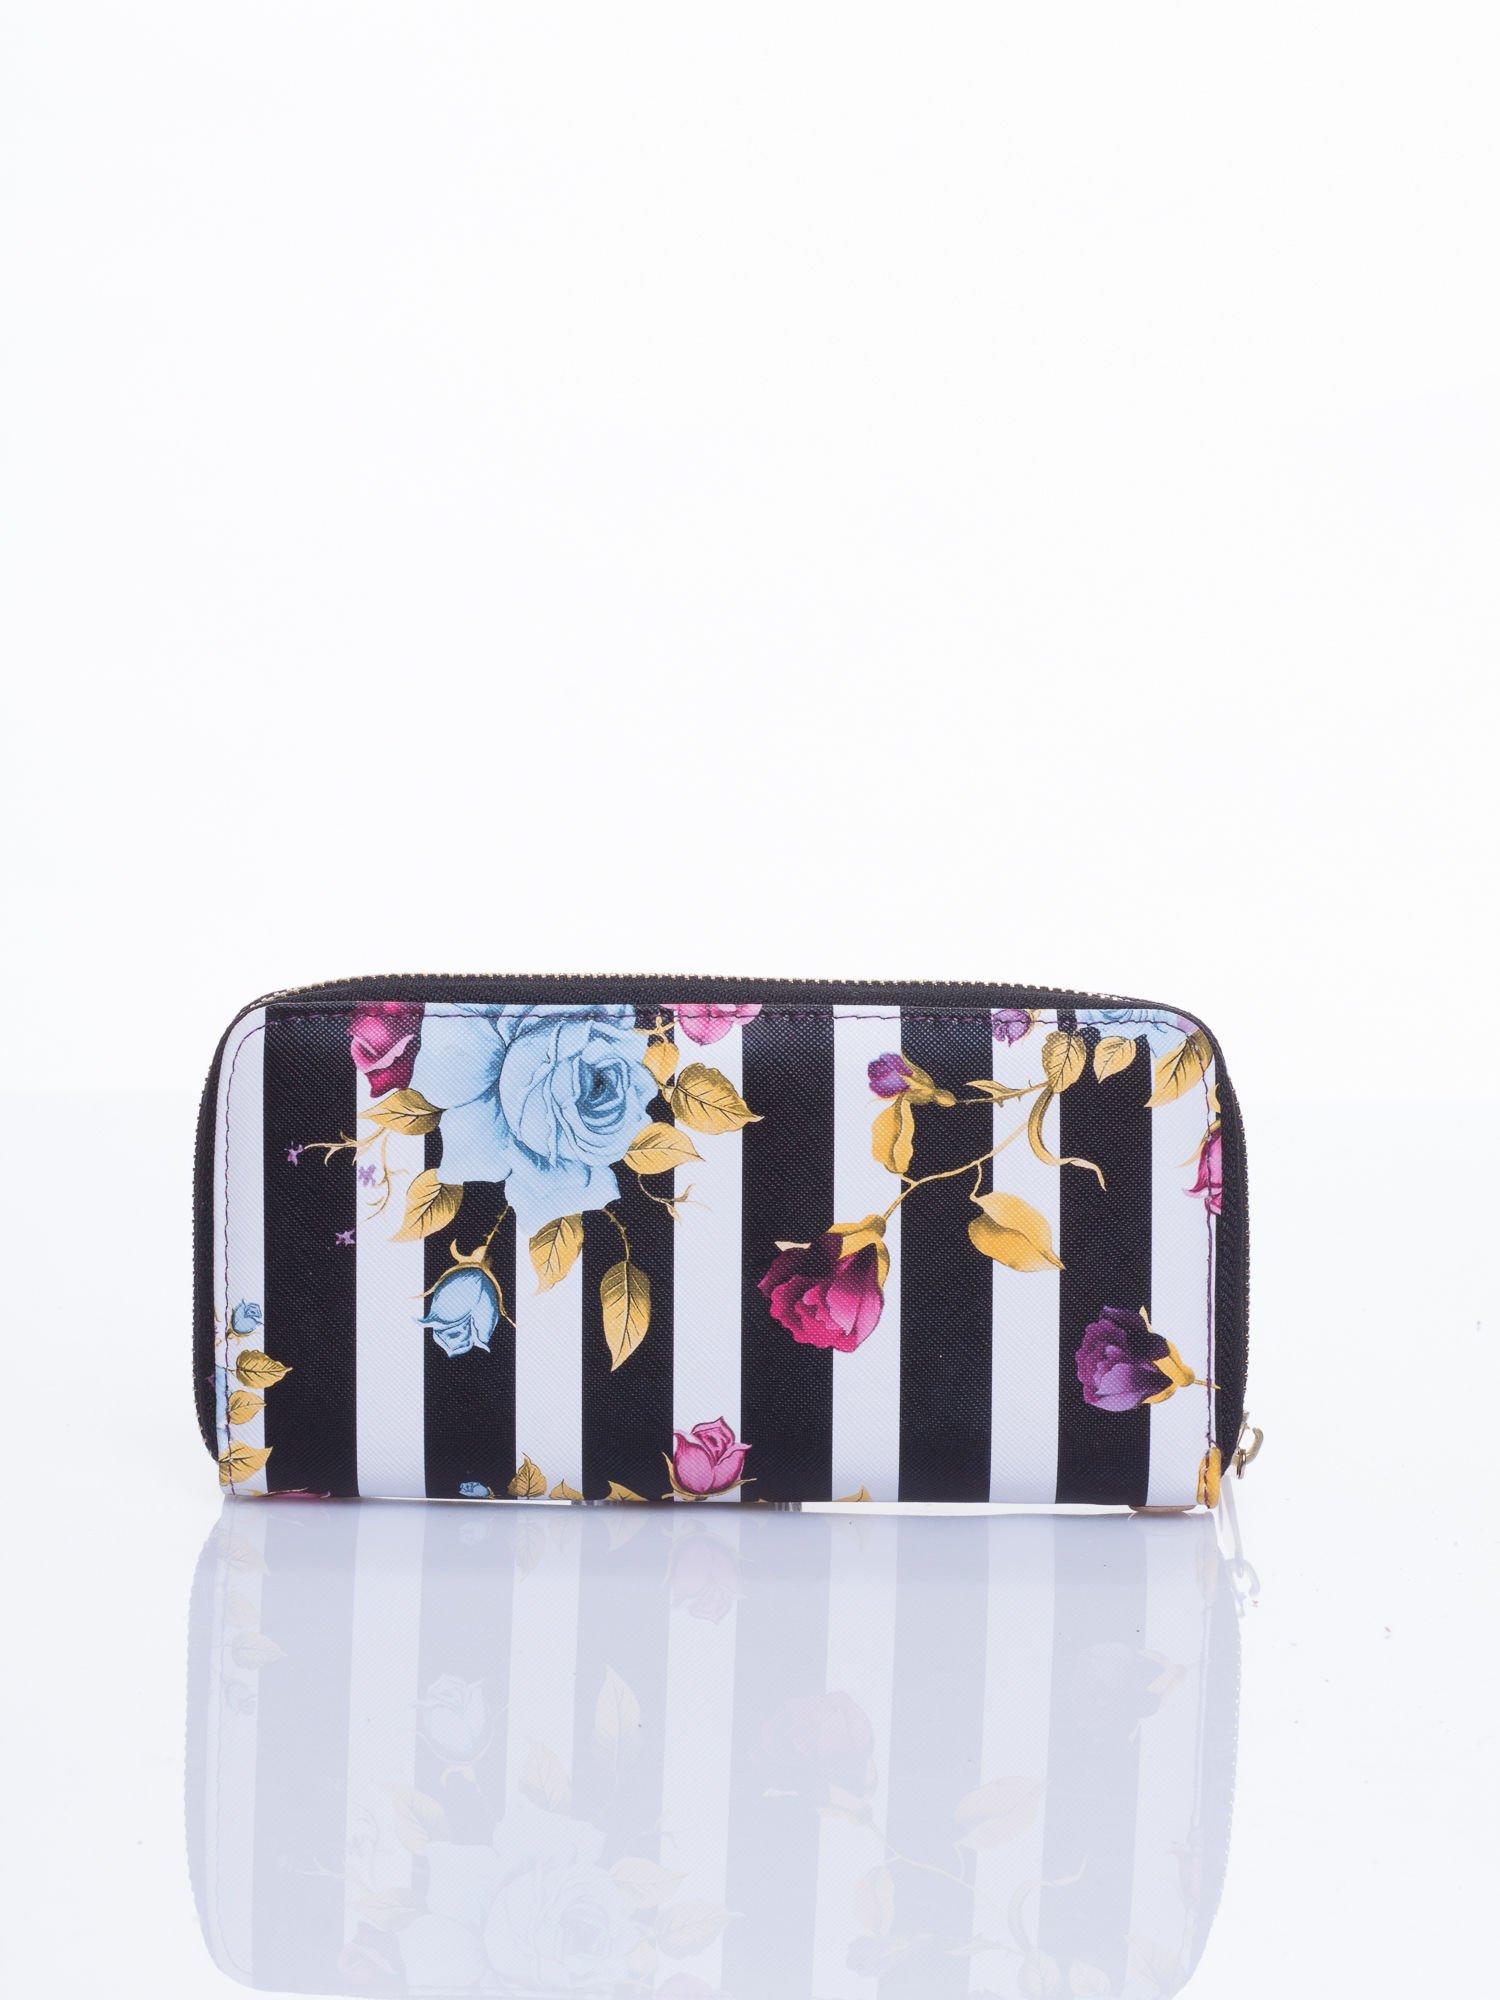 Czarny portfel w kwiaty efekt saffiano                                  zdj.                                  2